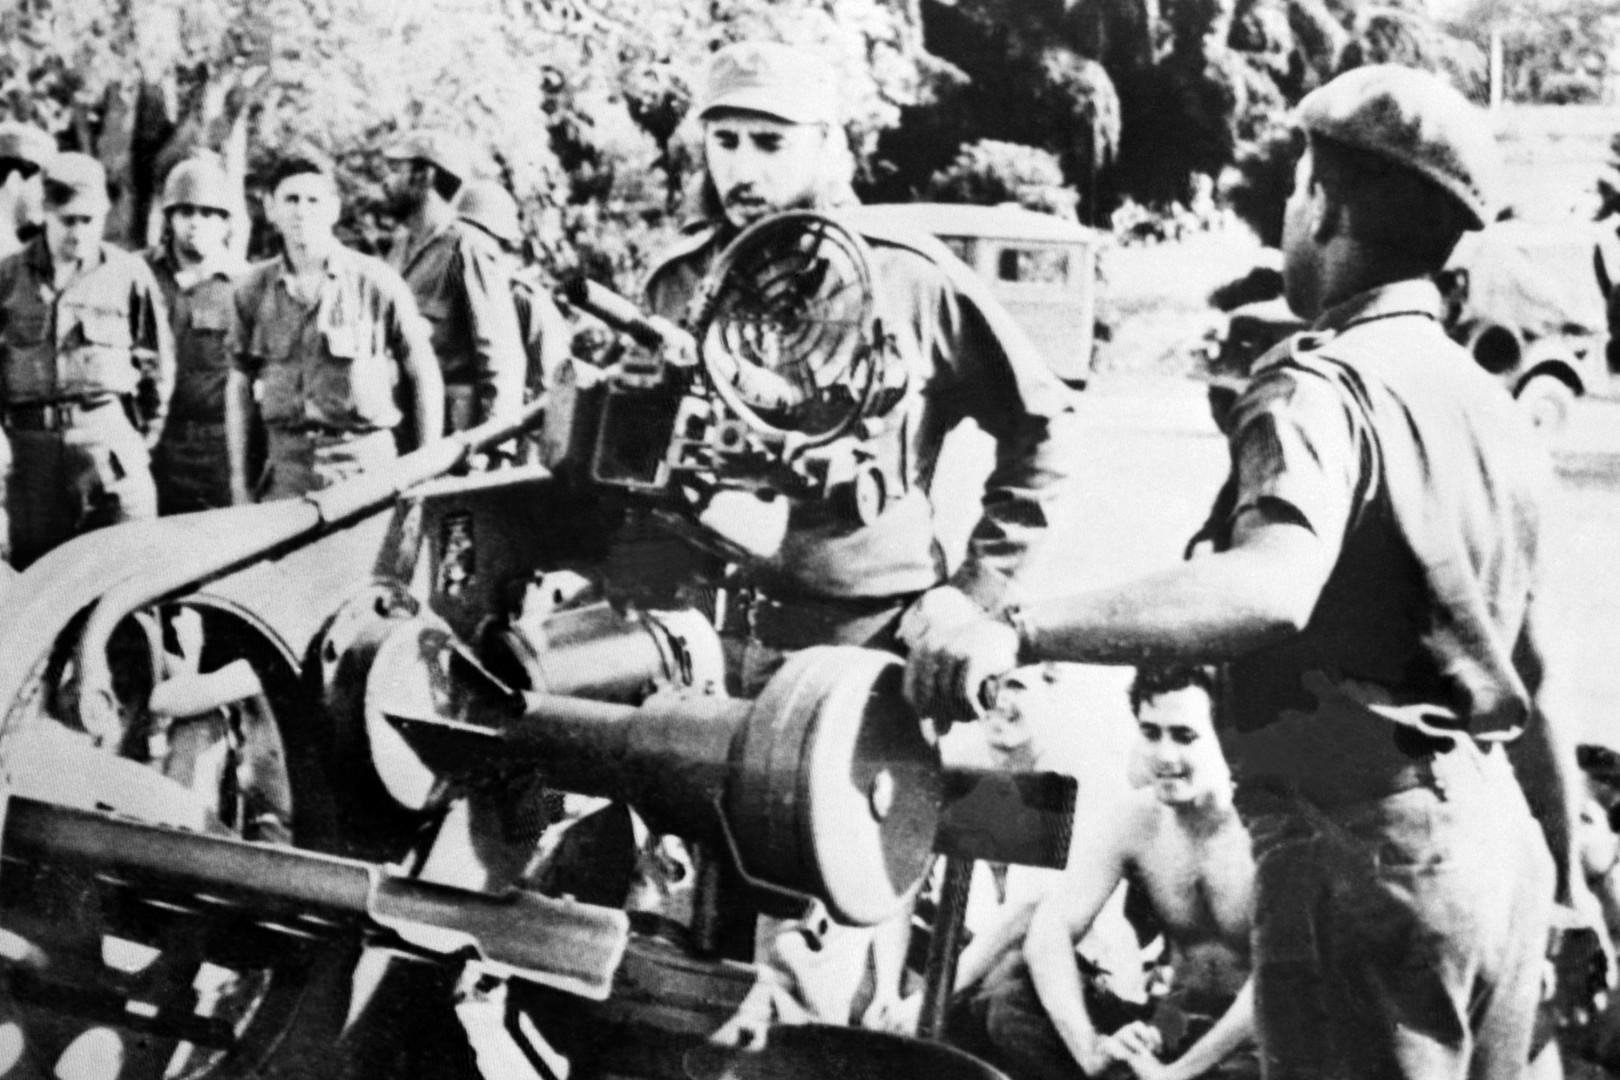 Fidel Castro inspecte des armes lors de la crise des missiles de Cuba en 1962.